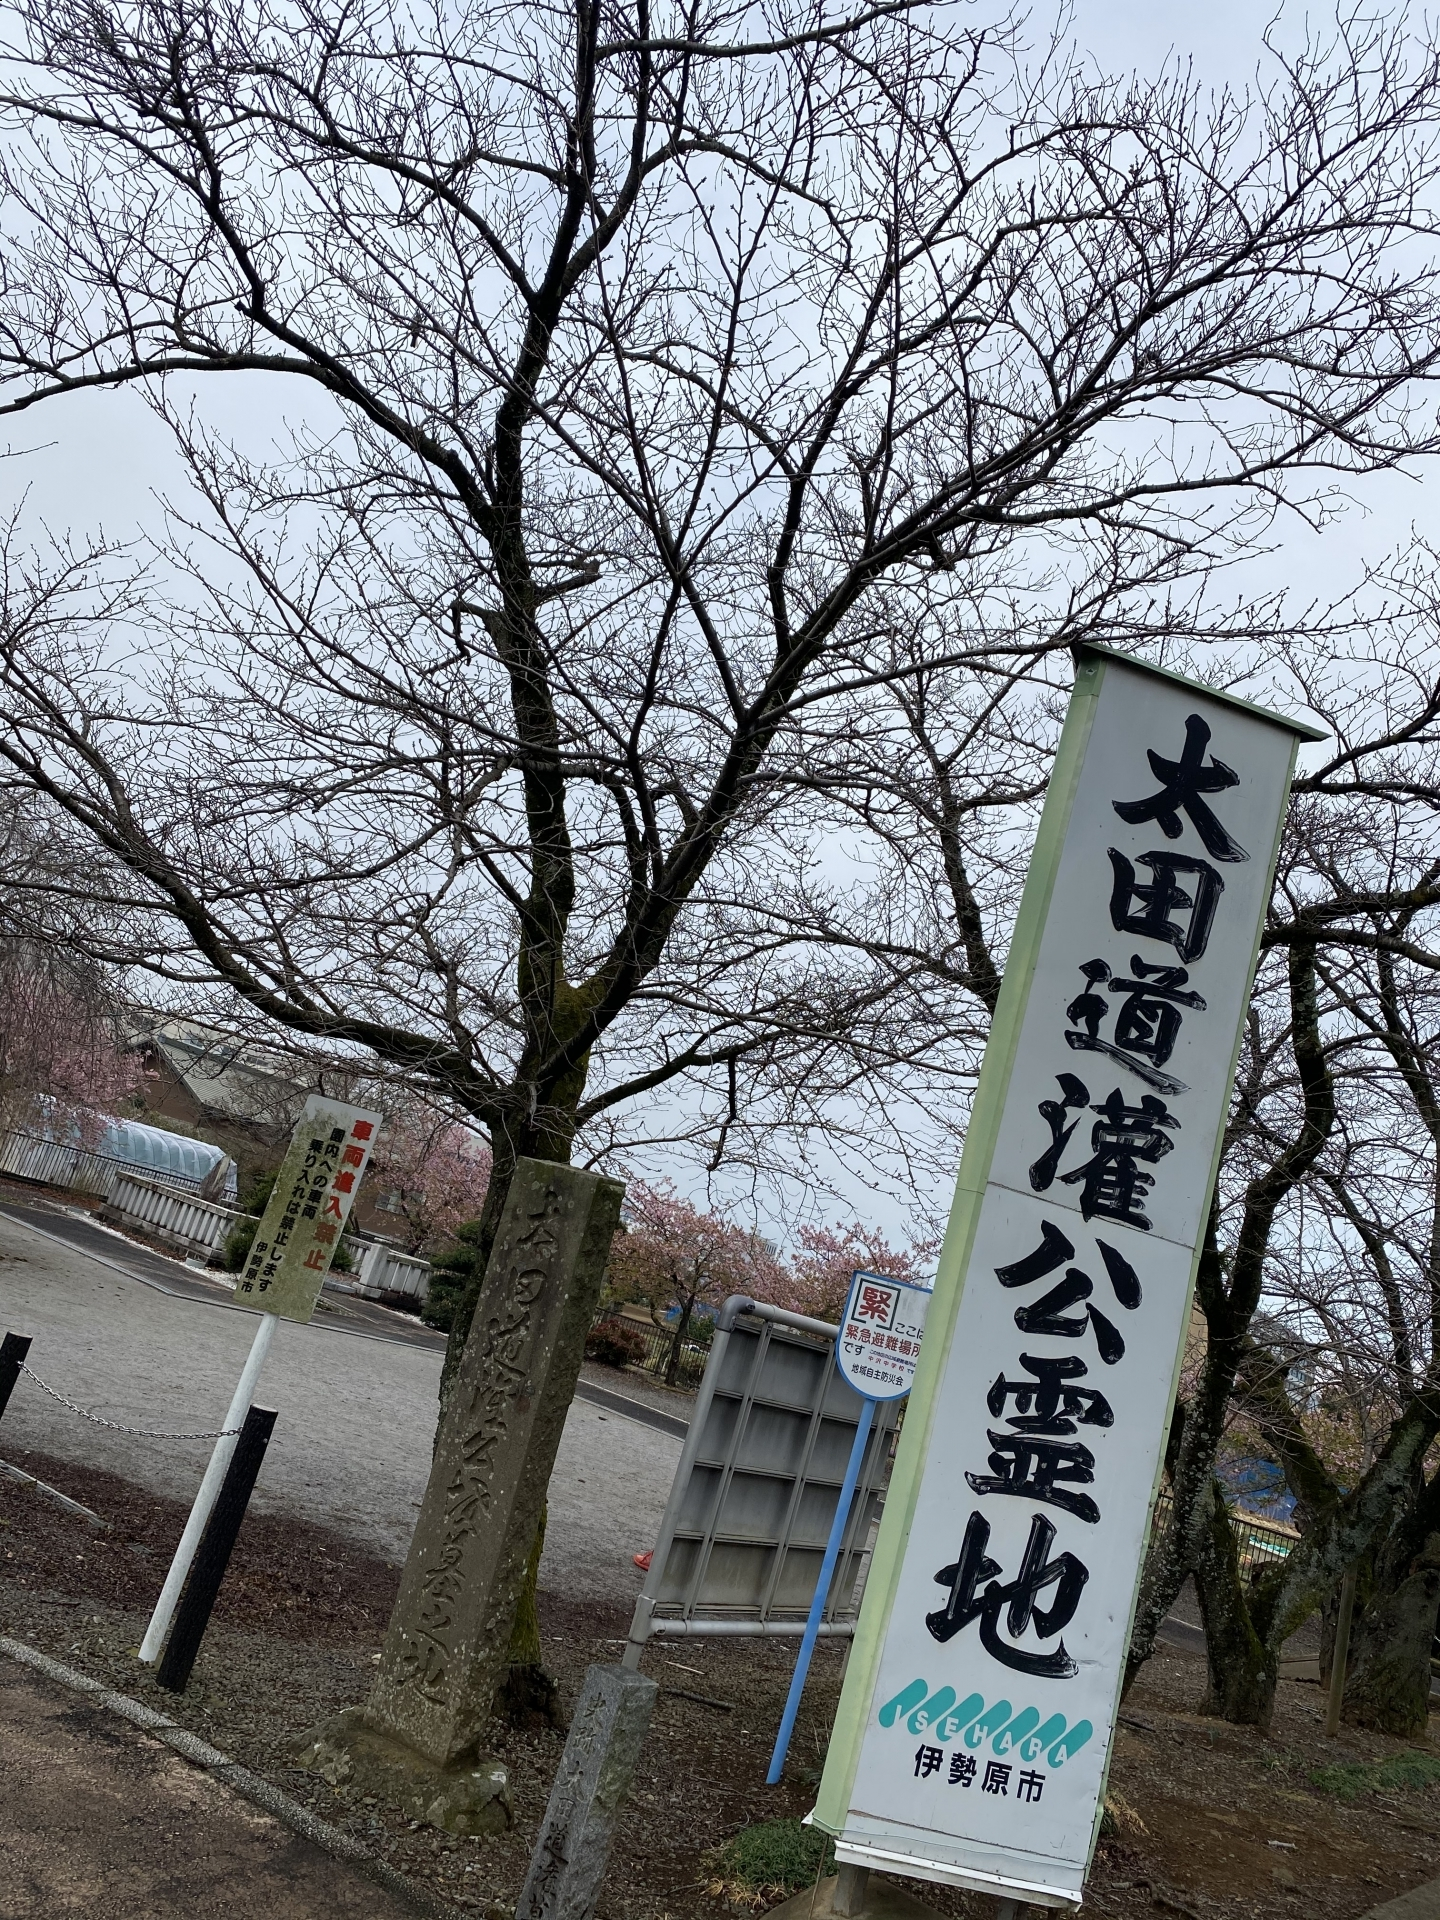 【328】 太田道灌公 (地元 伊勢原の有名人)